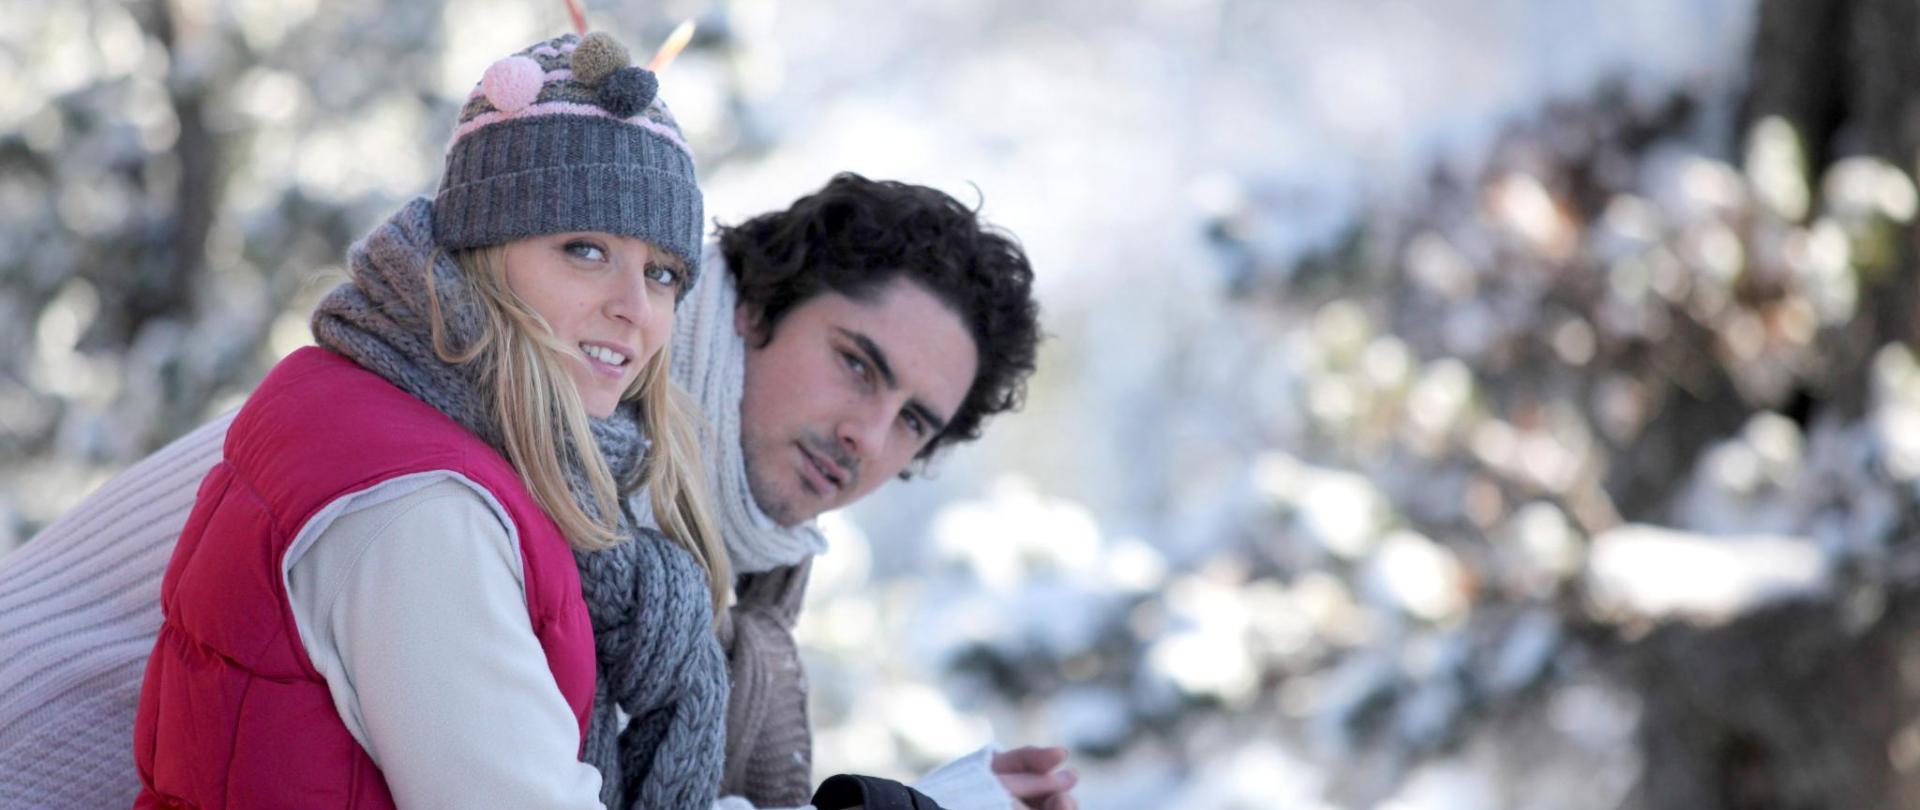 Paar mit gemütlichen dicken Stricksachen im Schnee.jpg